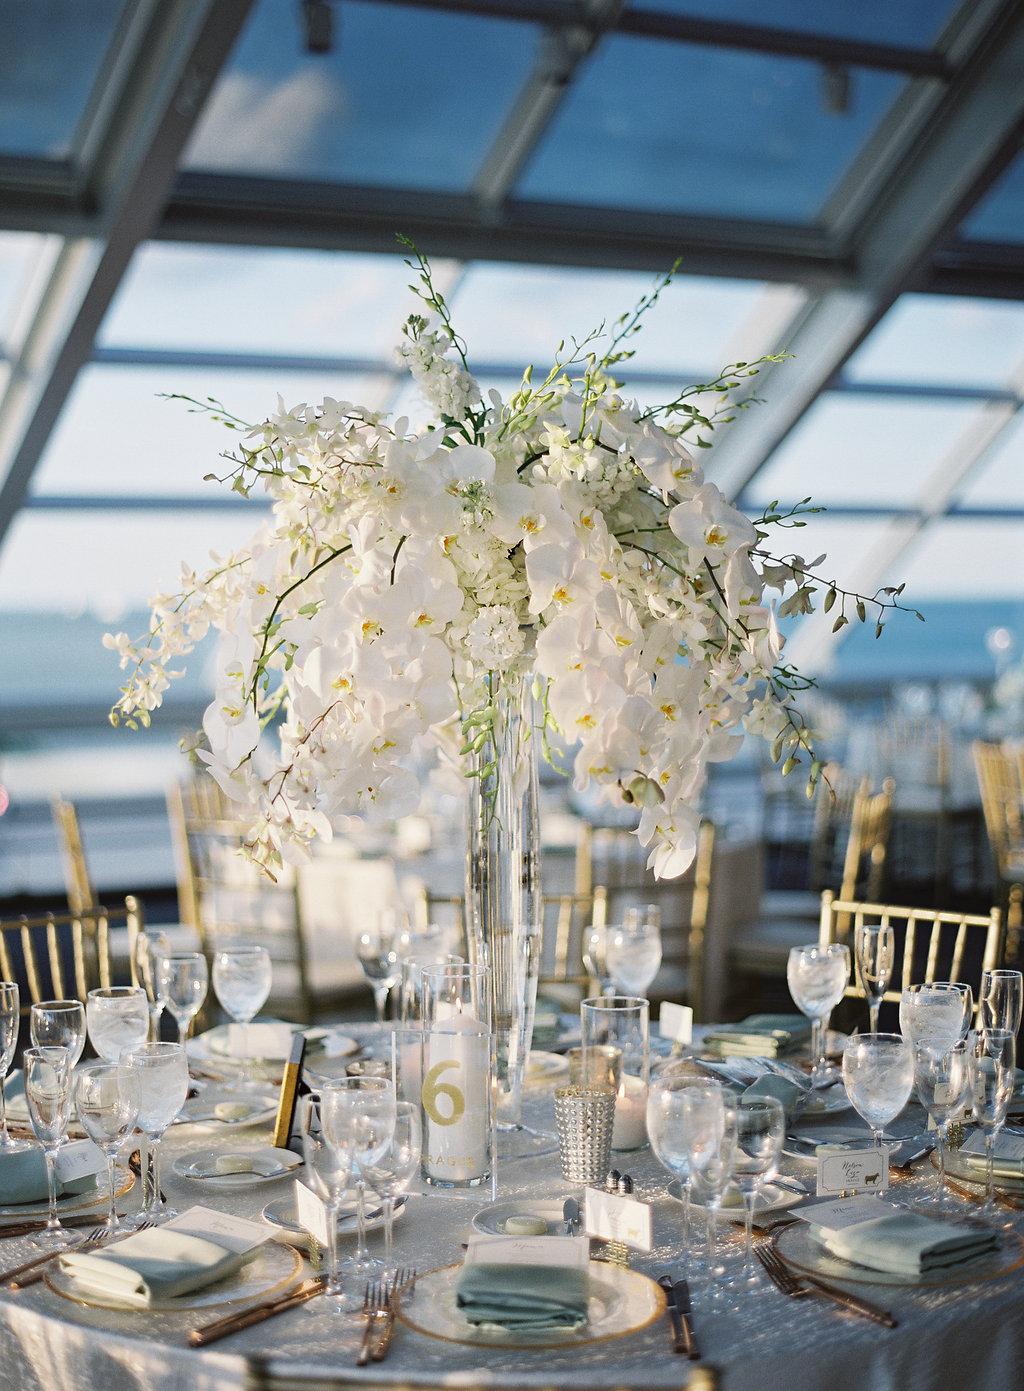 adler_wedding_chicago_white_gold_calligraphy.jpg